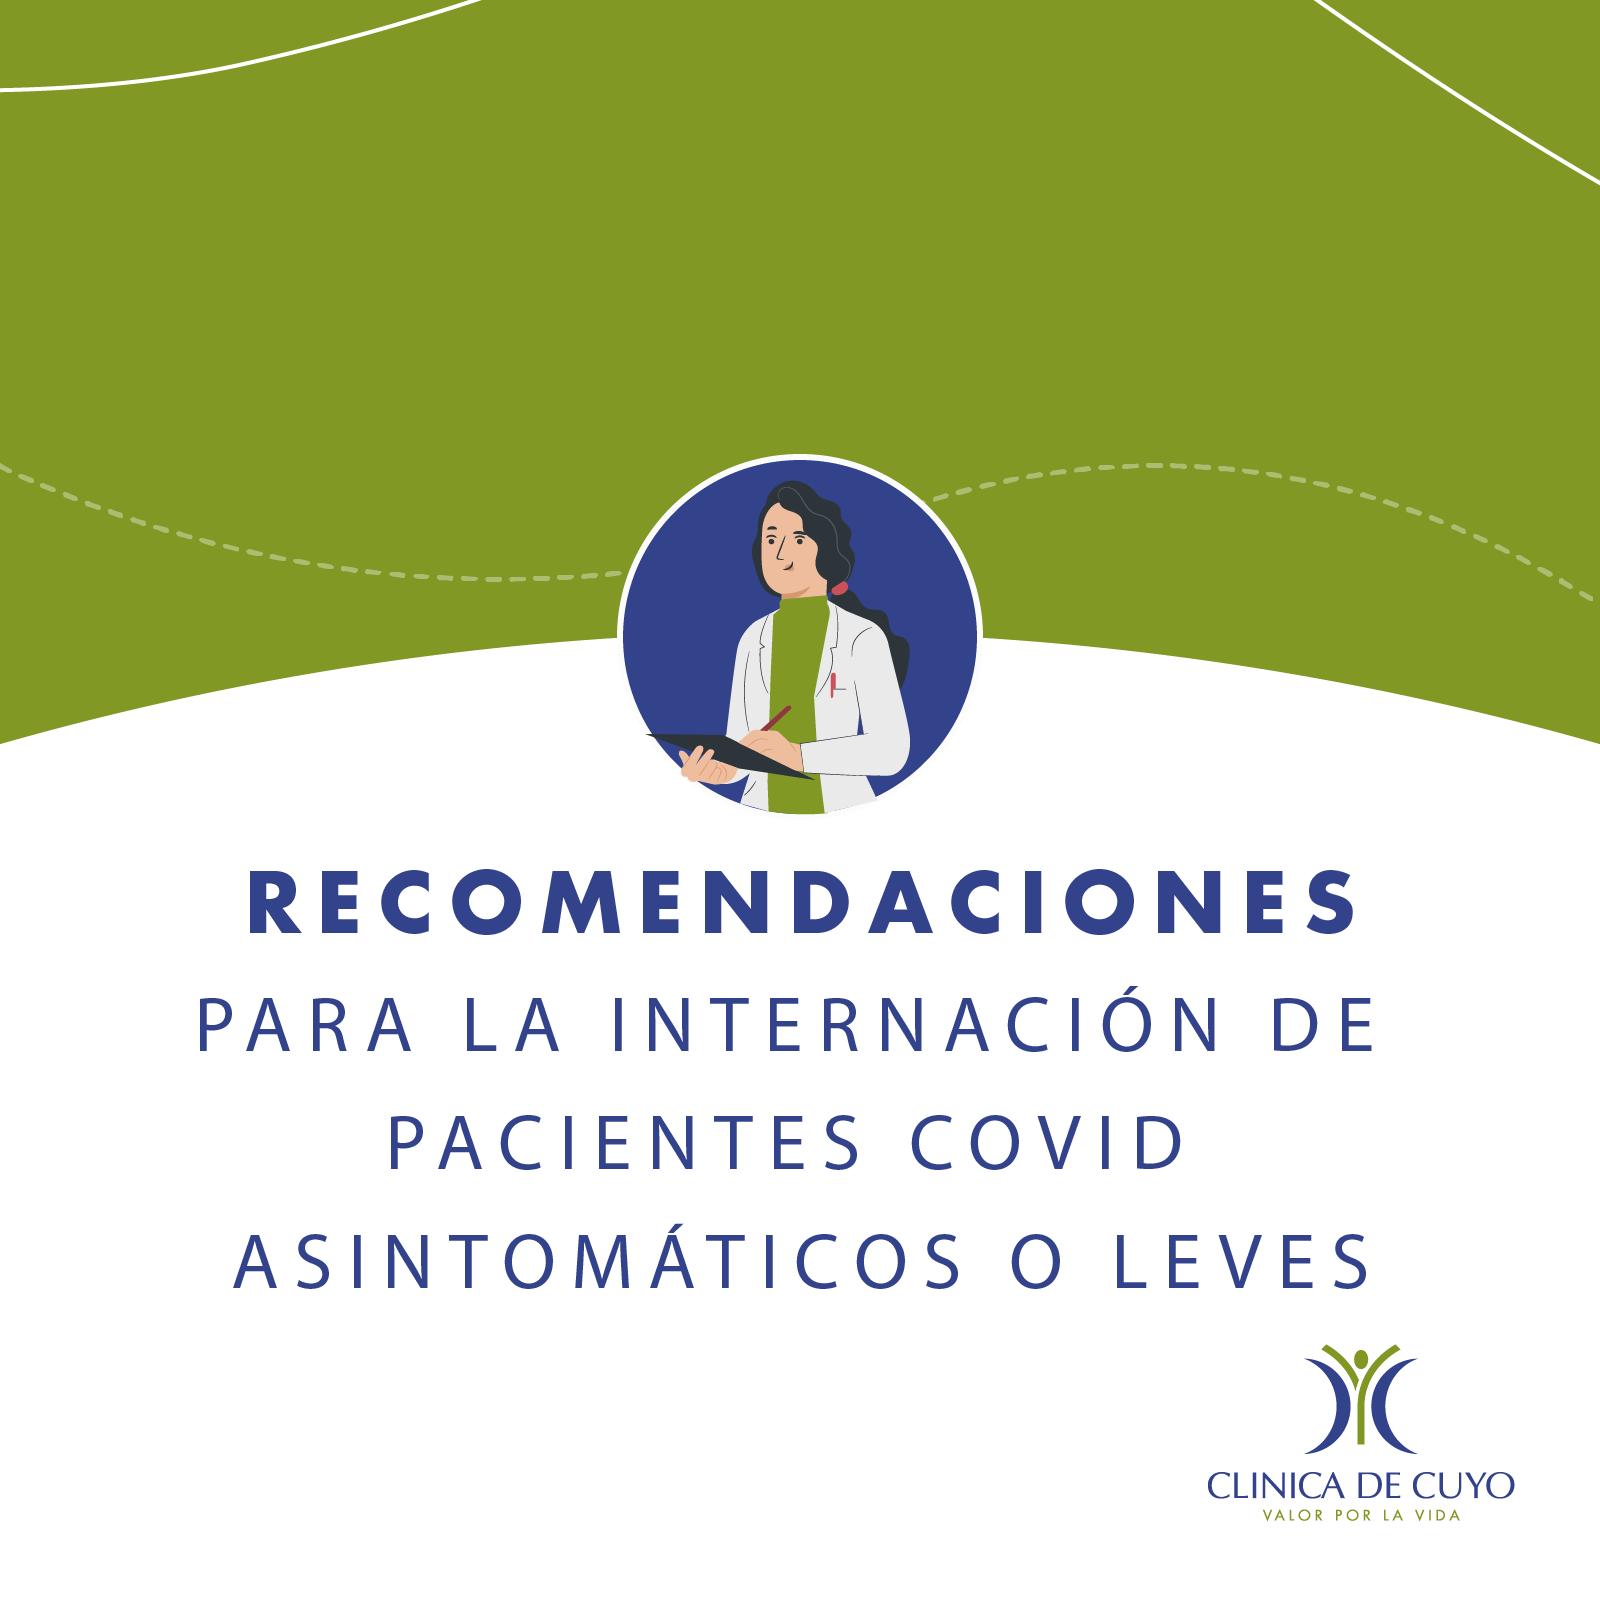 Placas Corona virus - Recomendaciones_1